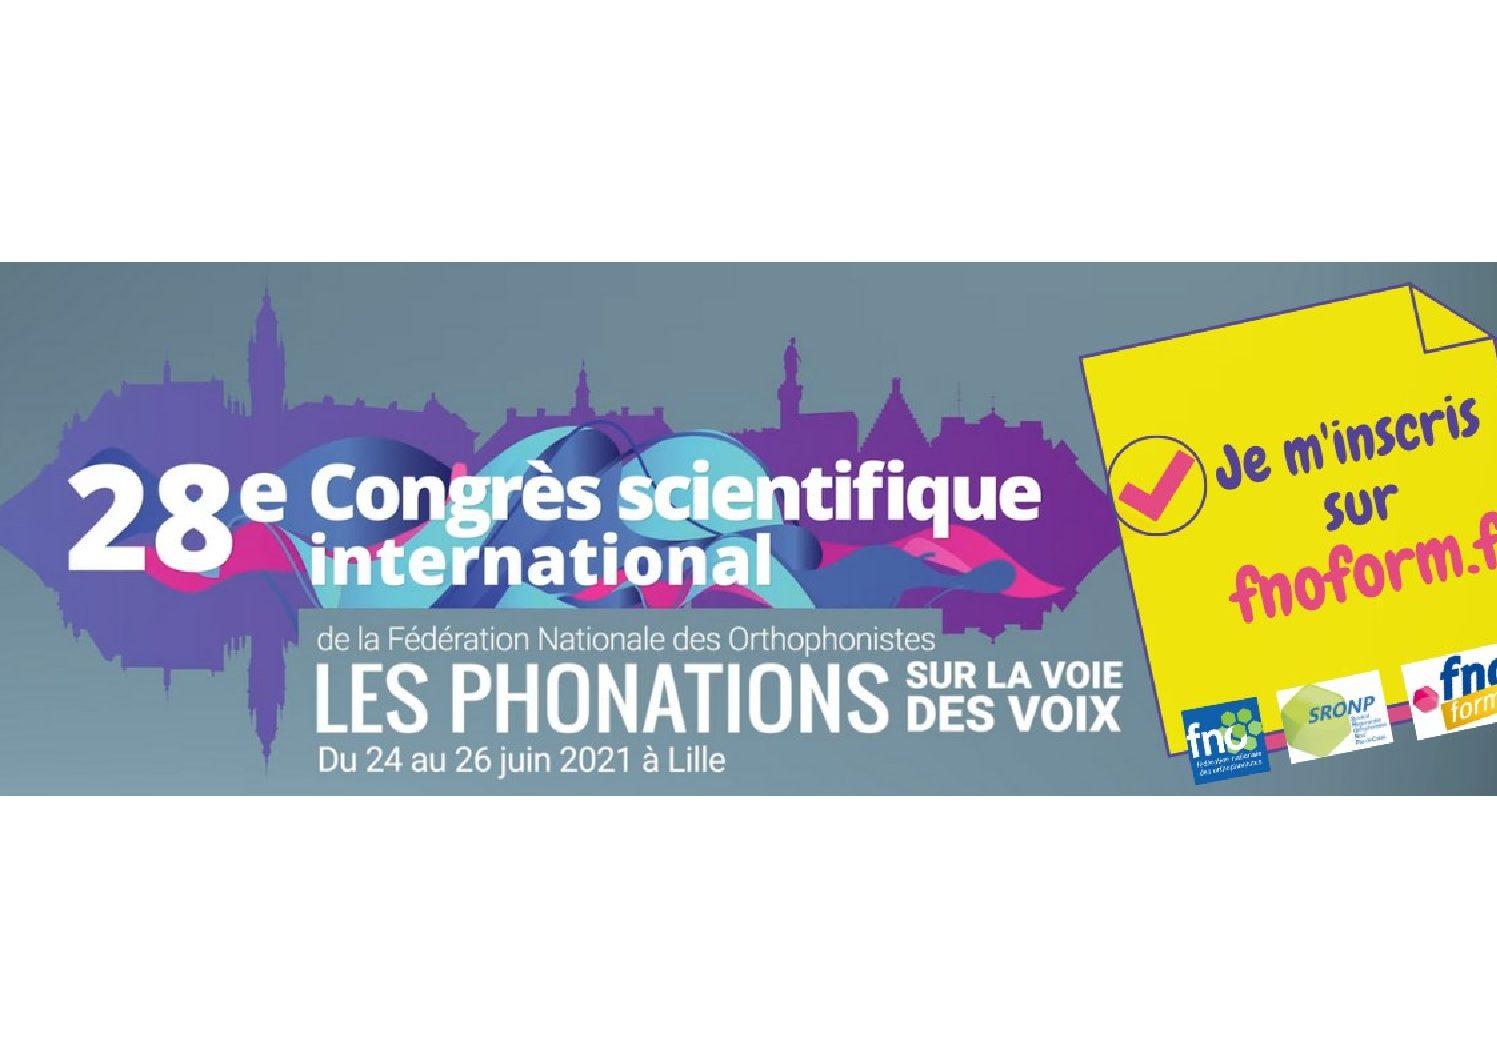 28ème congrès scientifique international de la FNO : « Les phonations – Sur la voie des voix »